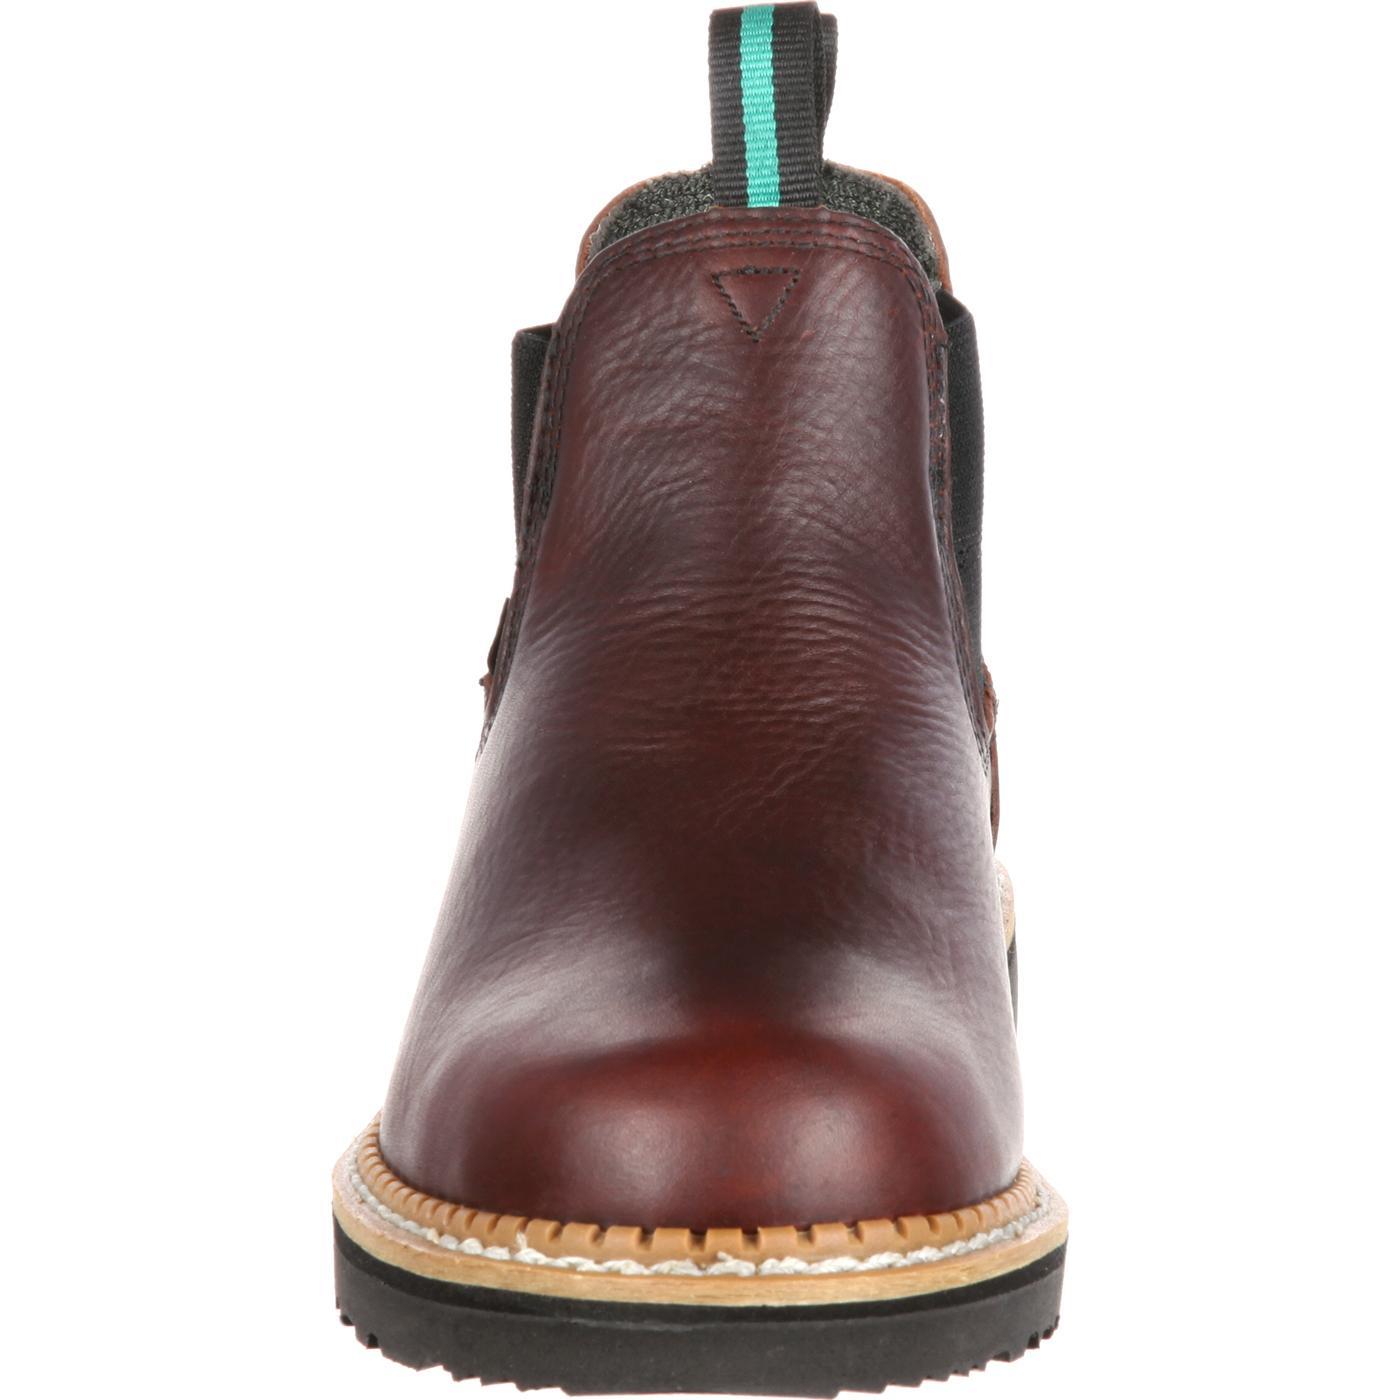 2729e962e70 Georgia Giant Waterproof High Romeo Boot